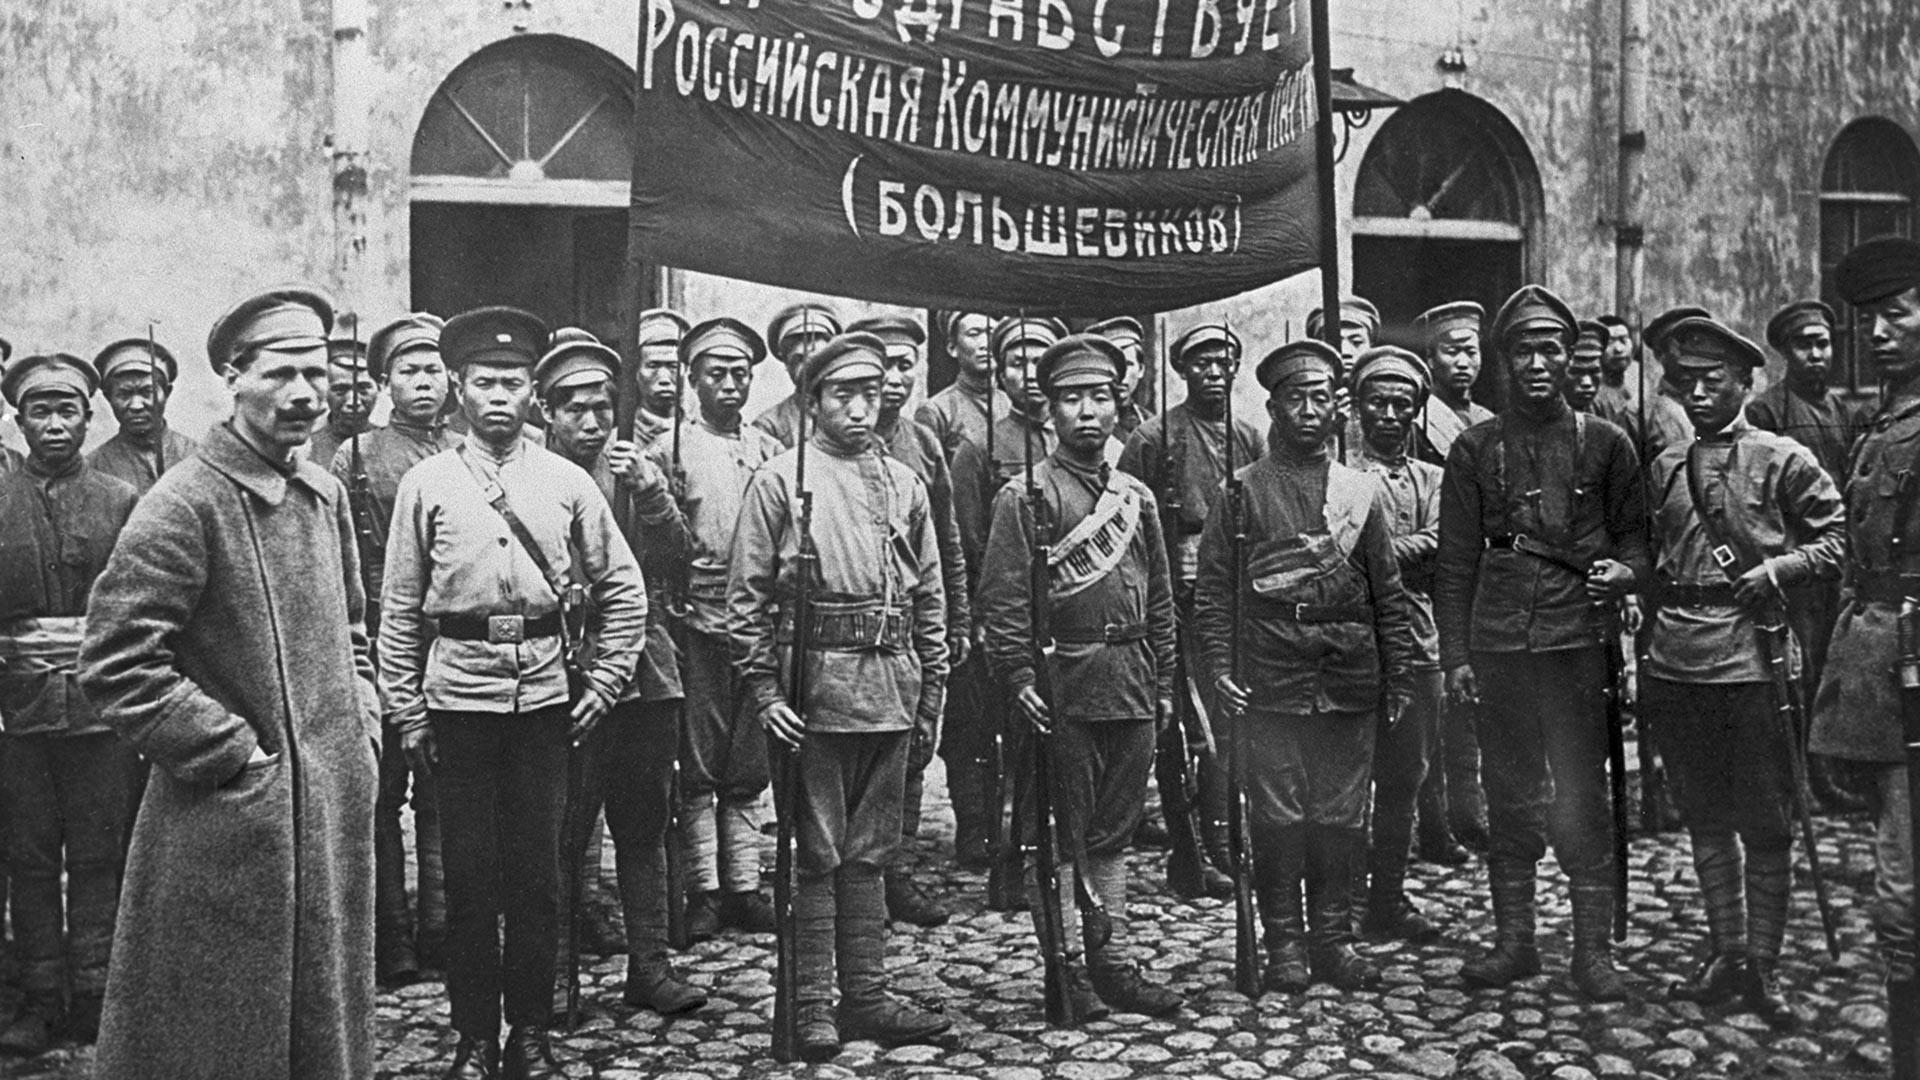 Les premiers Chinois à combattre dans les rangs de l'Armée rouge près de Petrograd